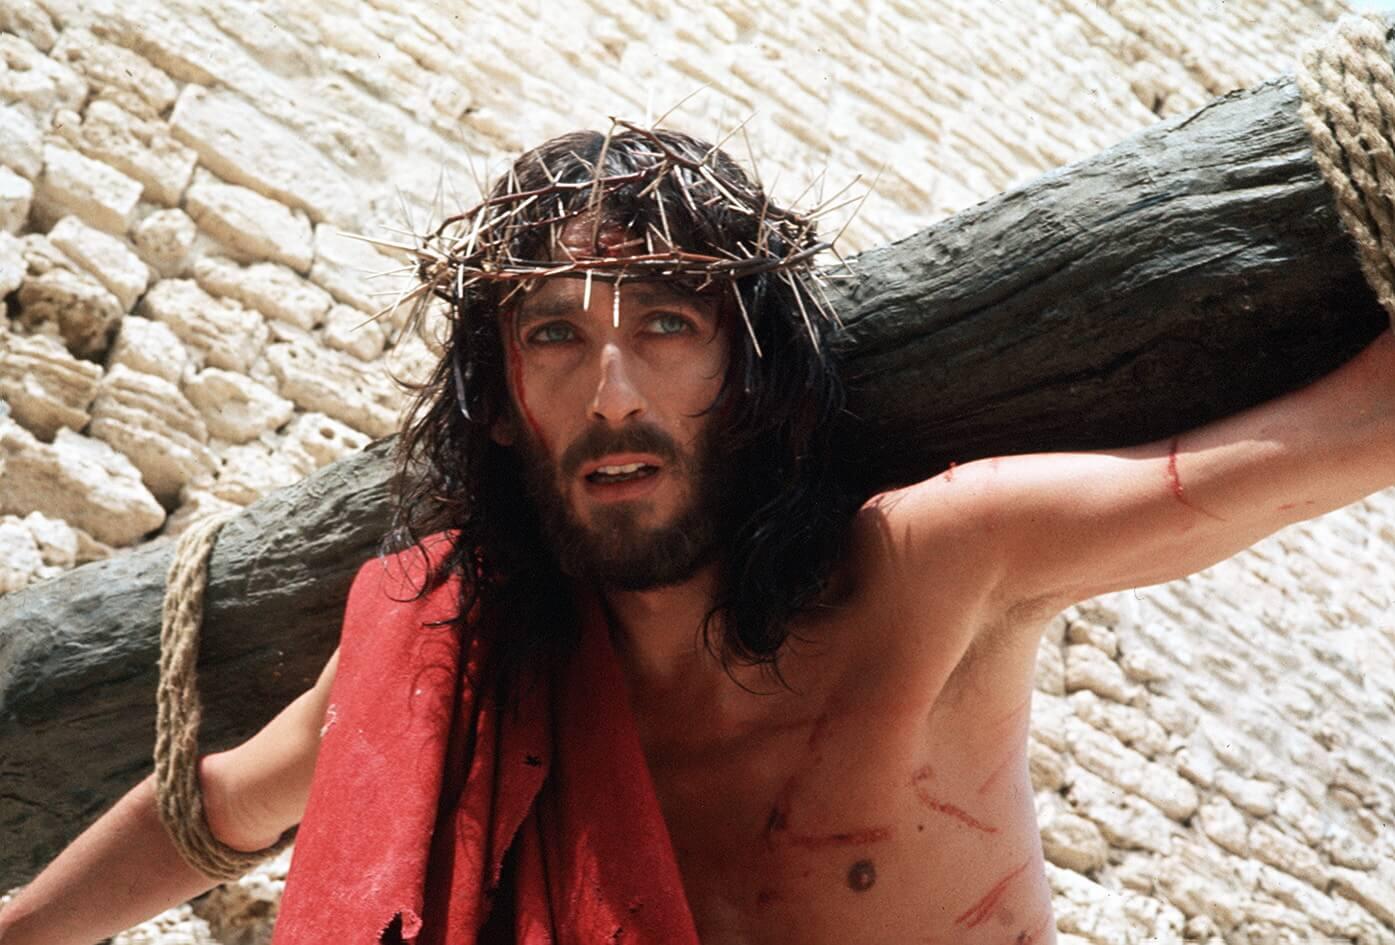 Ο Ιησούς Χριστός στην μικρή και στην μεγάλη οθόνη – Ποιοι ηθοποιοί τον έχουν υποδυθεί